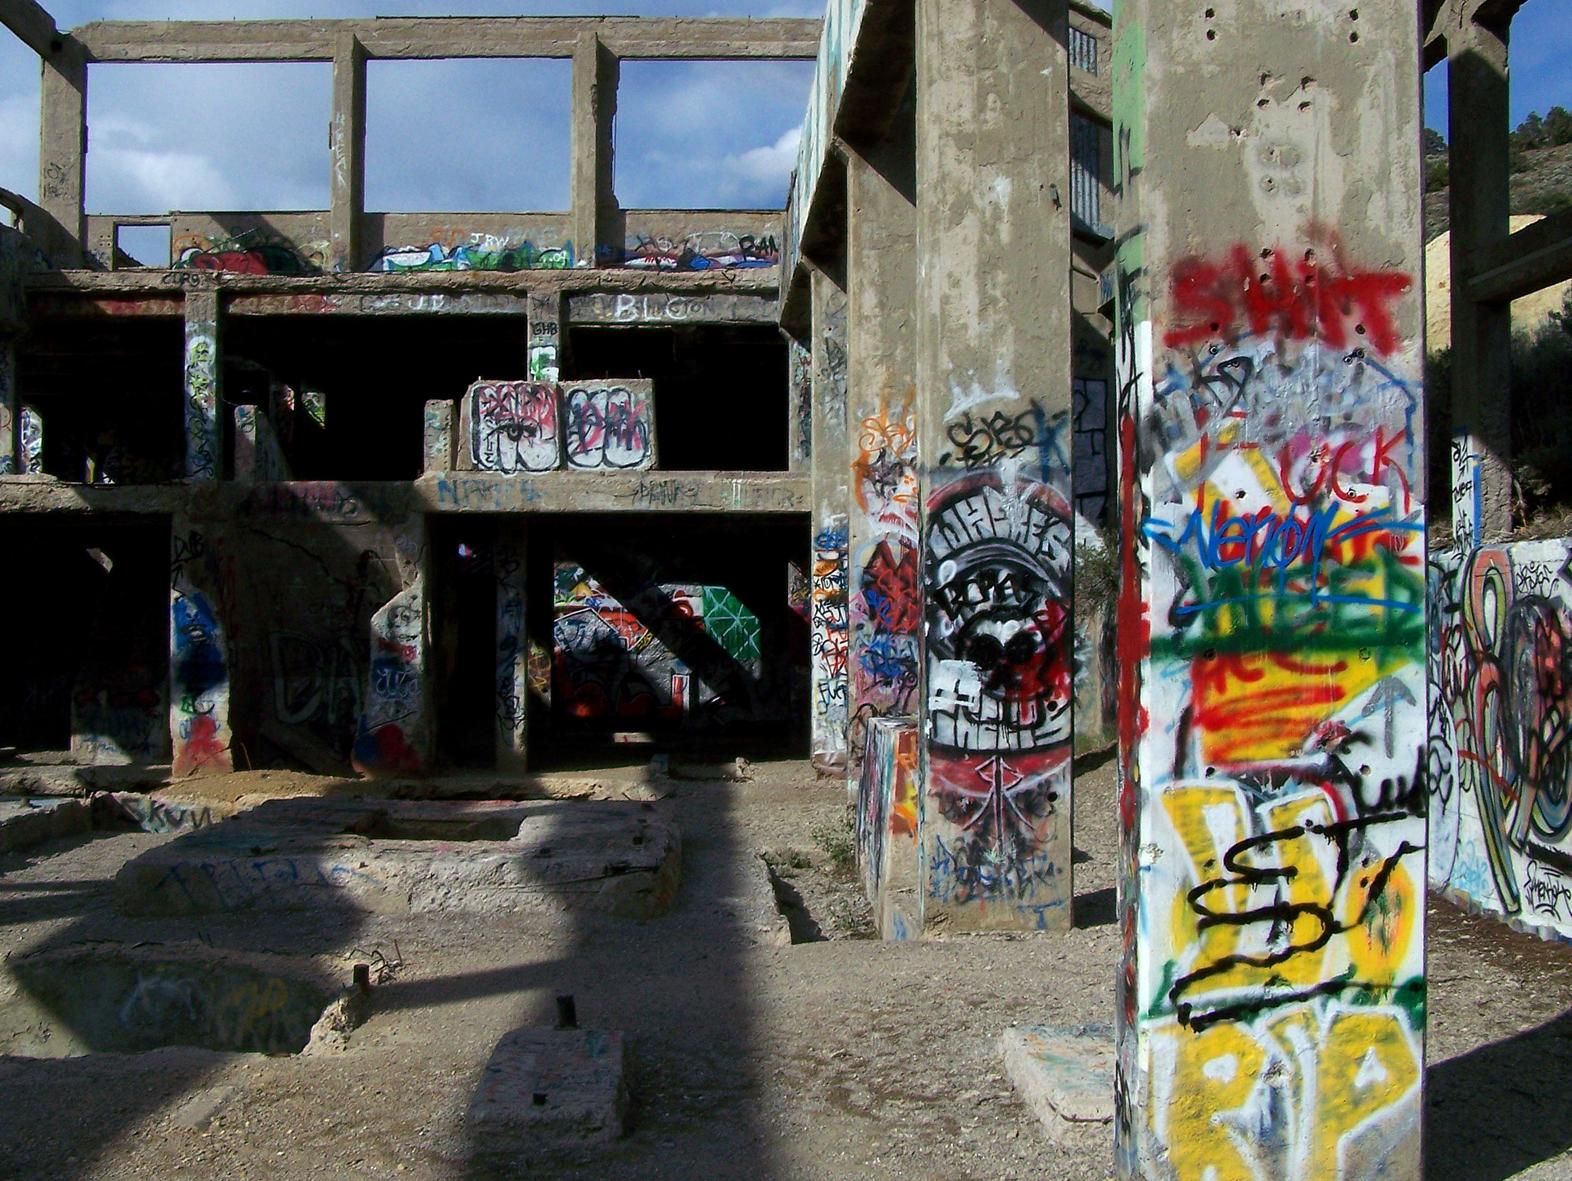 Cyanide Factory ll